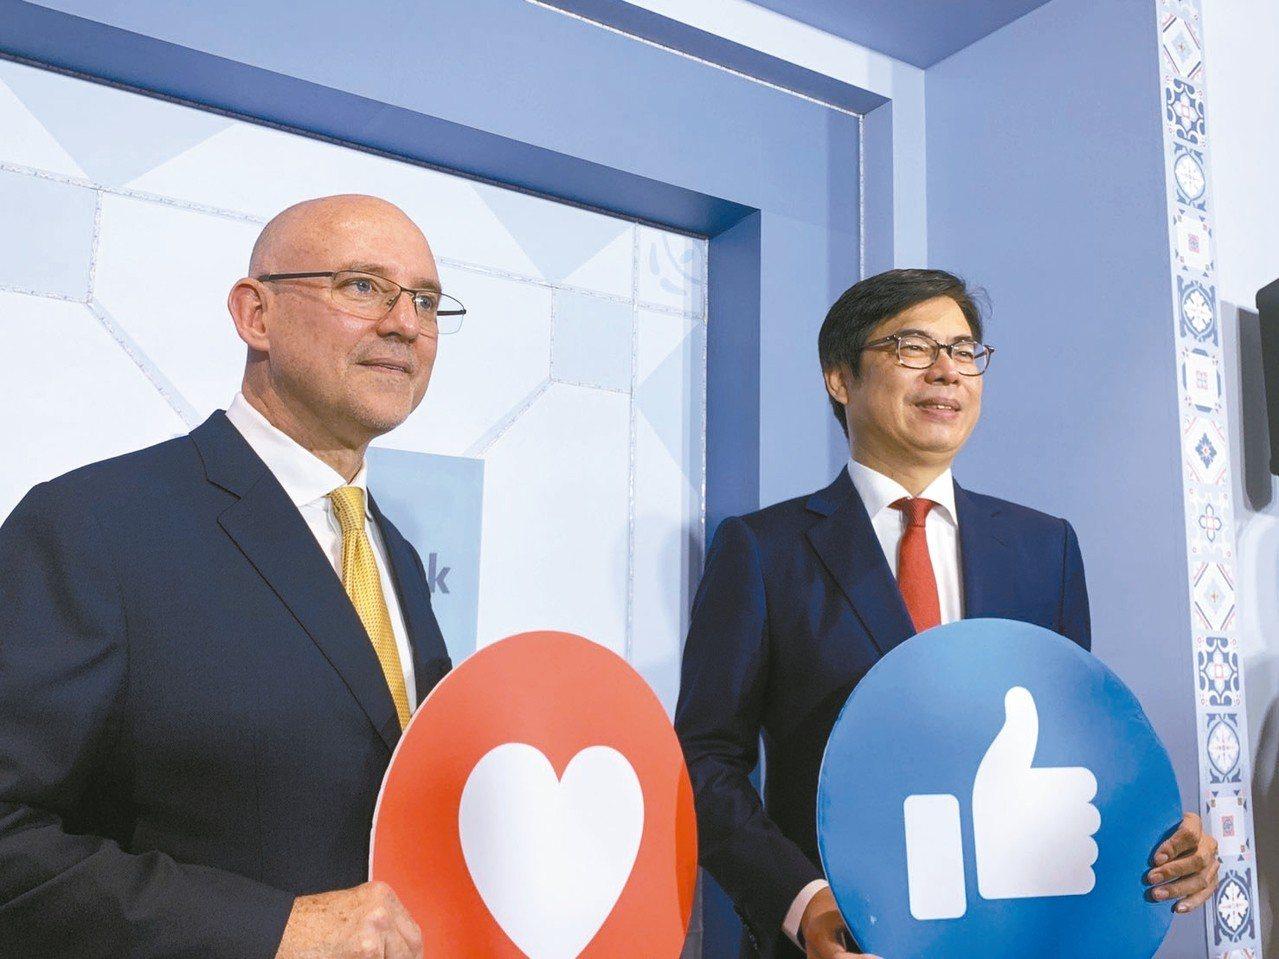 FB新辦公室今啟用,行政院副院長陳其邁(右)親臨參觀。左為臉書全球副總裁暨亞太區...